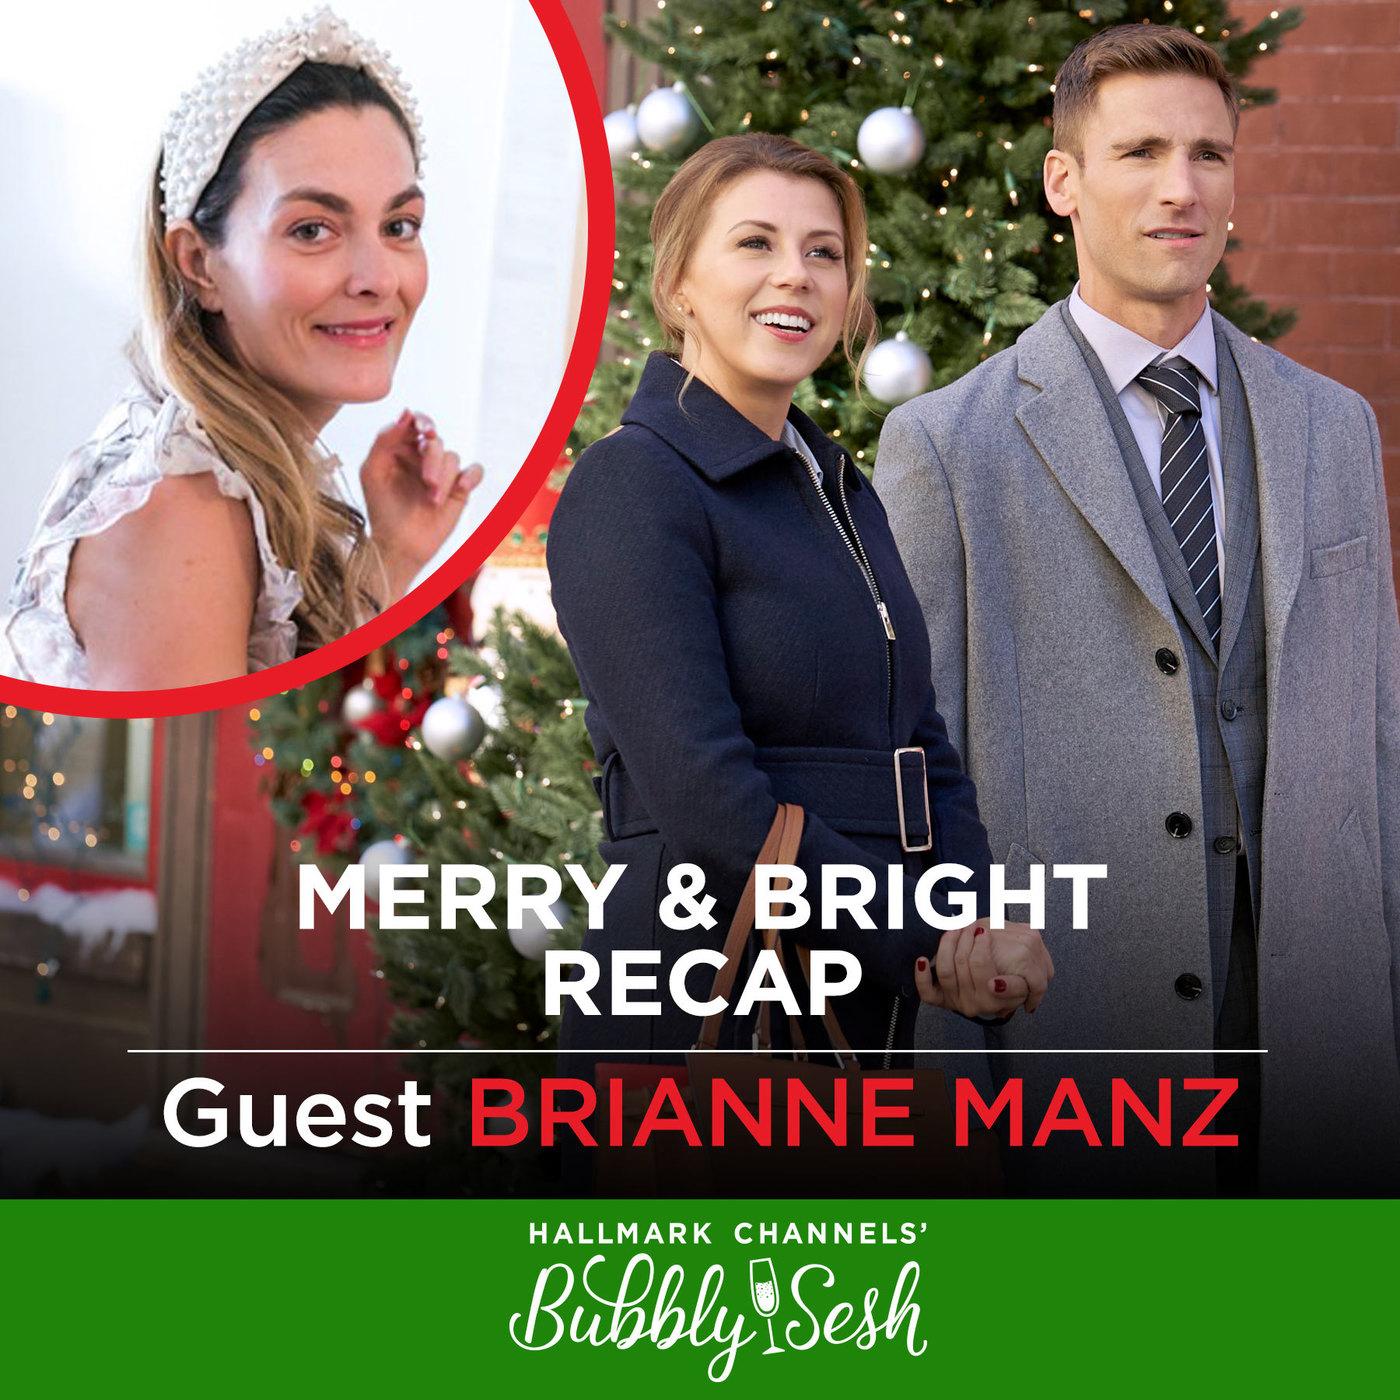 Merry & BrightRecap with Brianne Manz